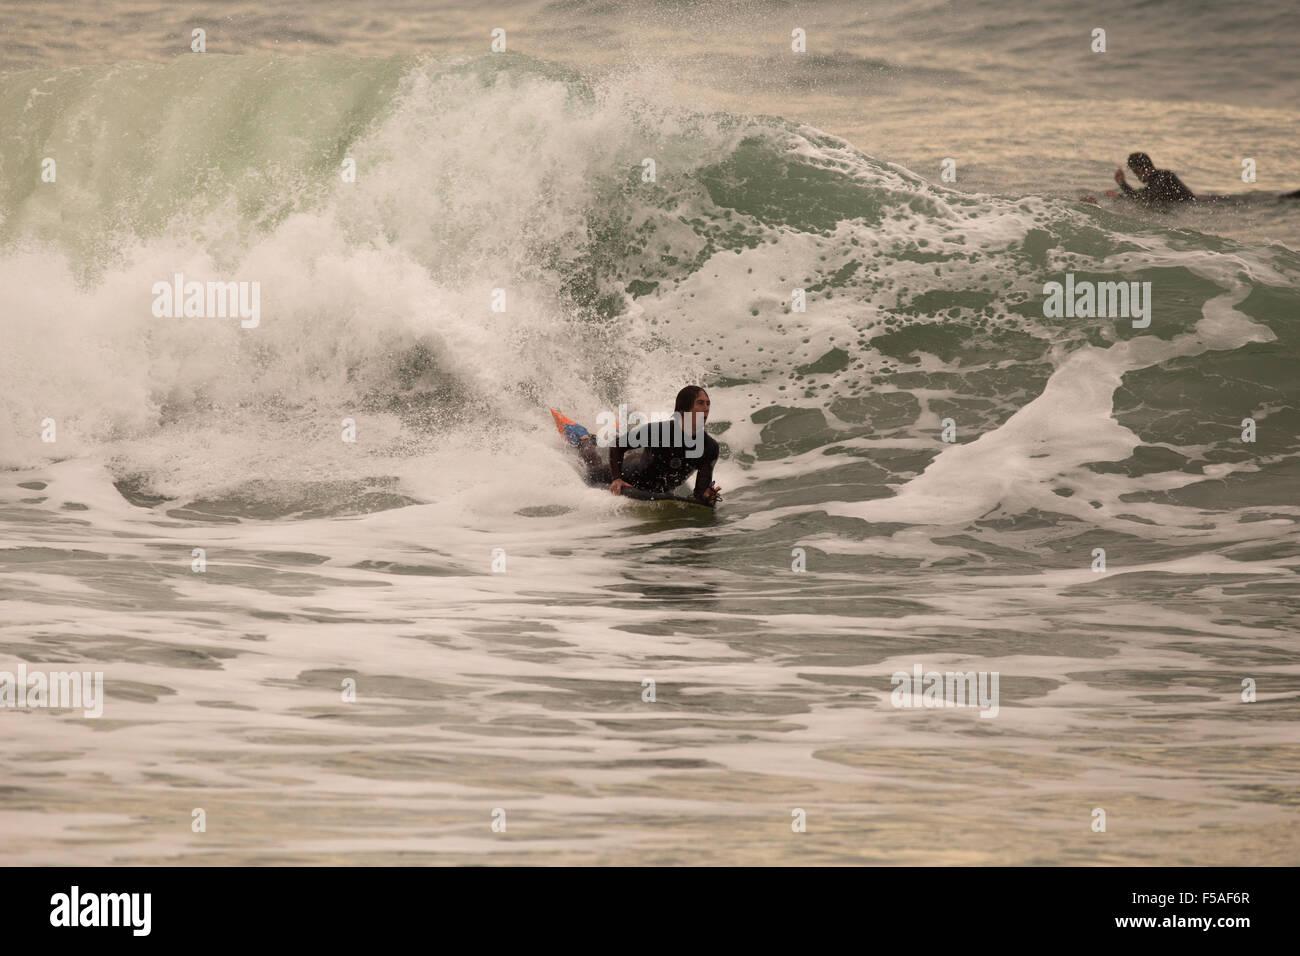 Bodyboarding - Stock Image